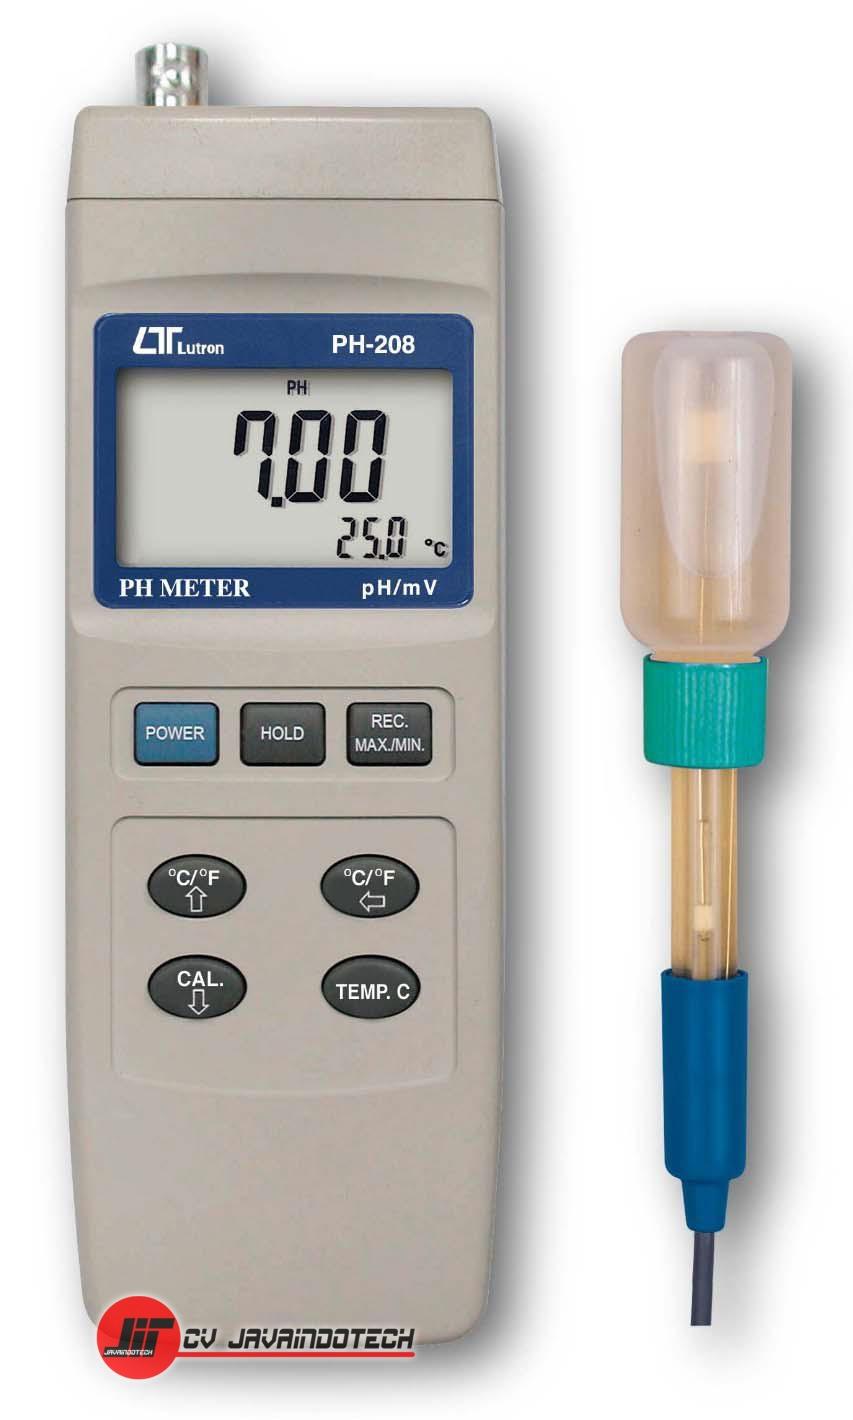 Review, Spesifikasi, dan Harga Jual pH Meter Lutron PH-208 pH Meter original, termurah, dan bergaransi resmi